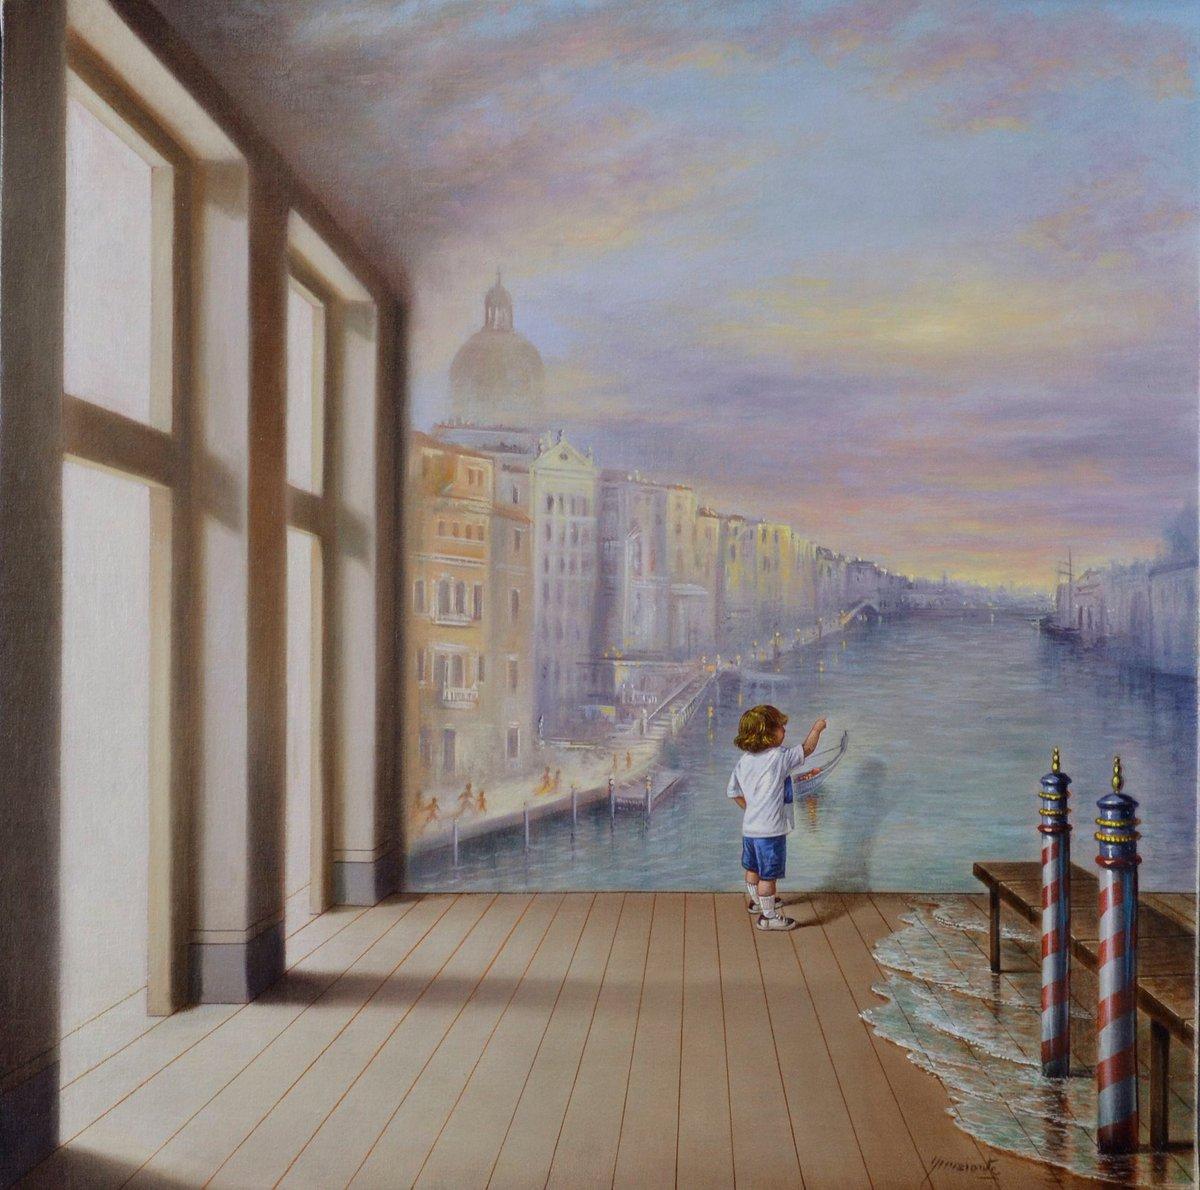 INTERNO METAFISICO cm 40x40 olio su tela Scrivetemi a info@nunzianteantonio.it per ricevere il catalogo digitale delle opere in Atelier GRAZIE! #antonionunziante #artist #masters #artsy #atelier #arteitaliana #metafisica #italianartist #arteitaliana #art #arte #artecontemporanea pic.twitter.com/5H3Tb82fvV